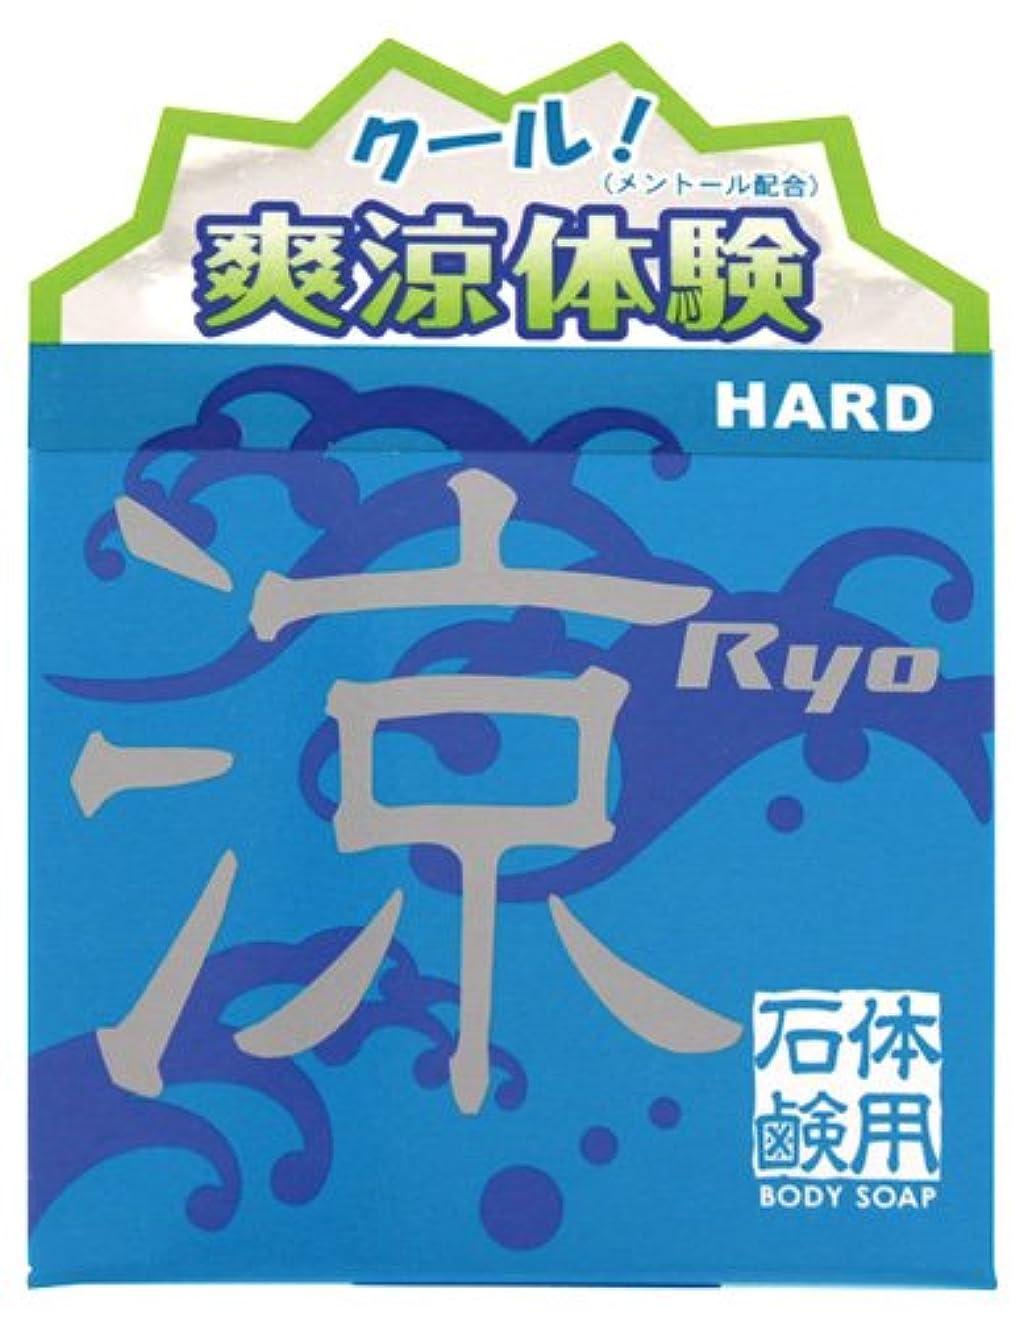 ひねり実行ビルダー涼ハード石鹸 100g